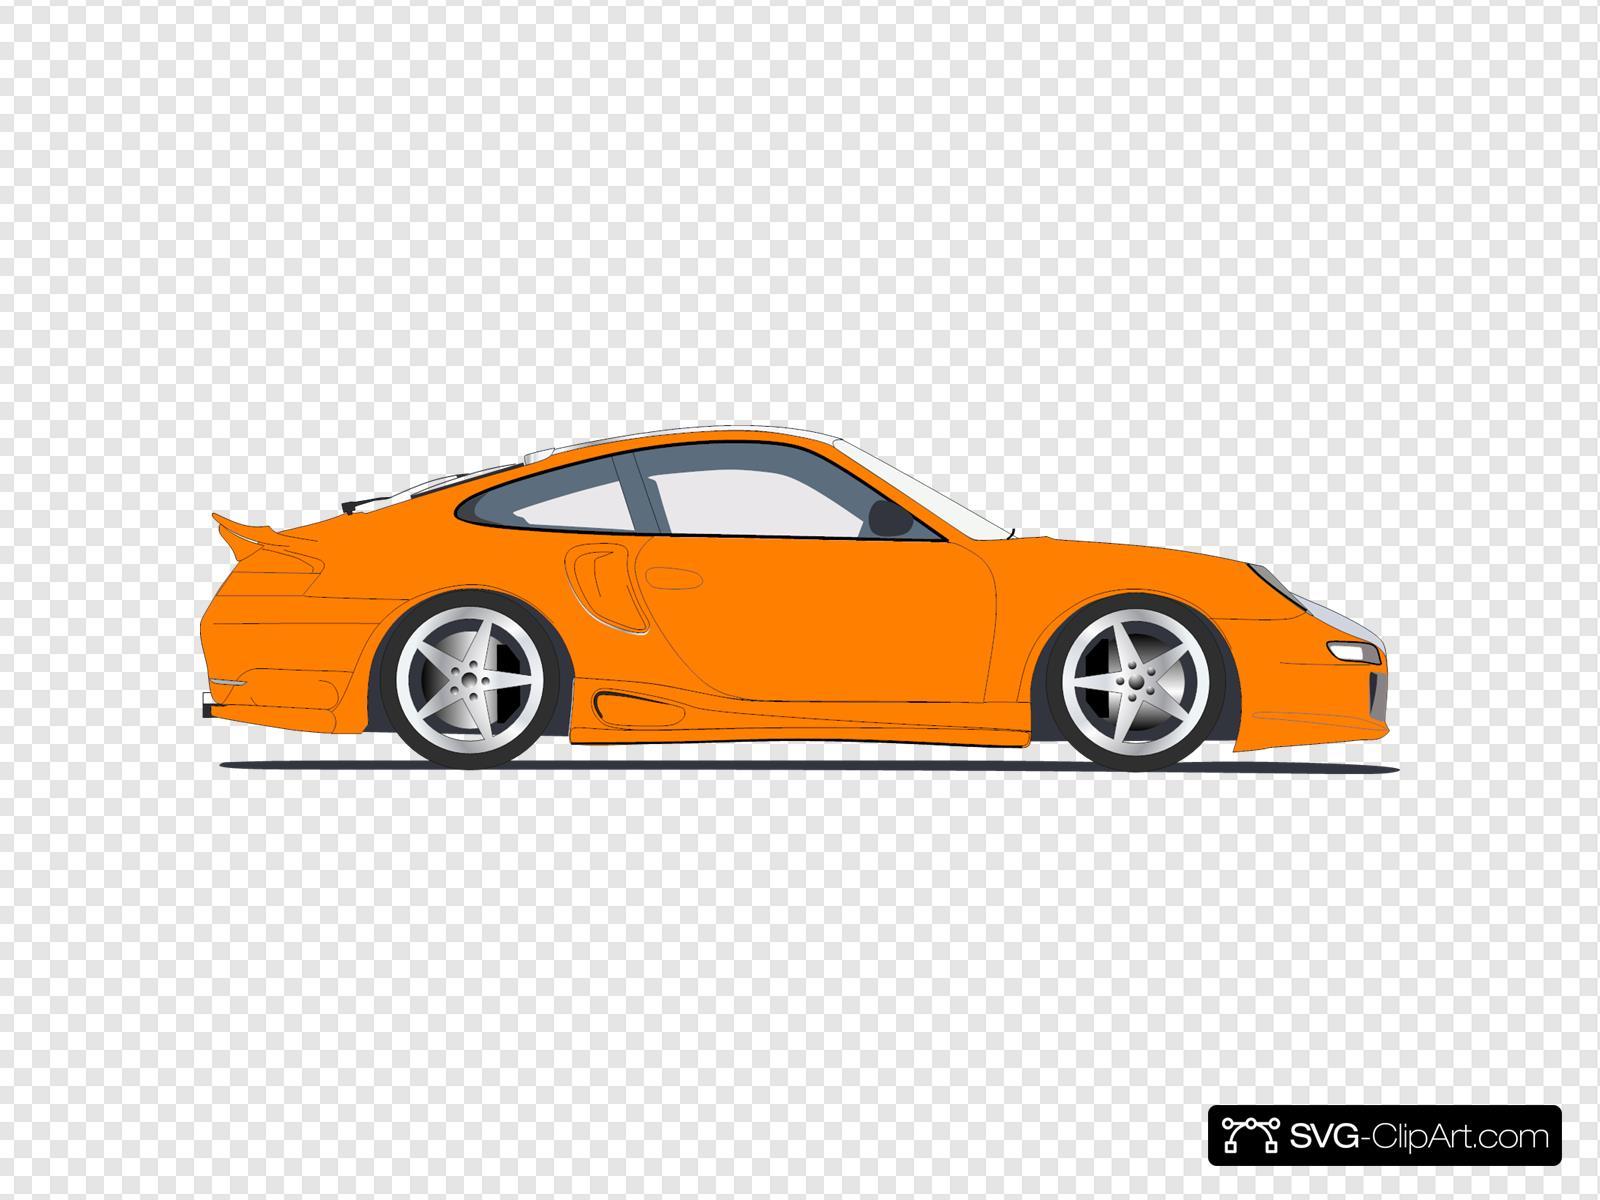 Dessin Animé Voiture De Sport Vecteurs libres de droits et plus d'images  vectorielles de Cartoon - iStock